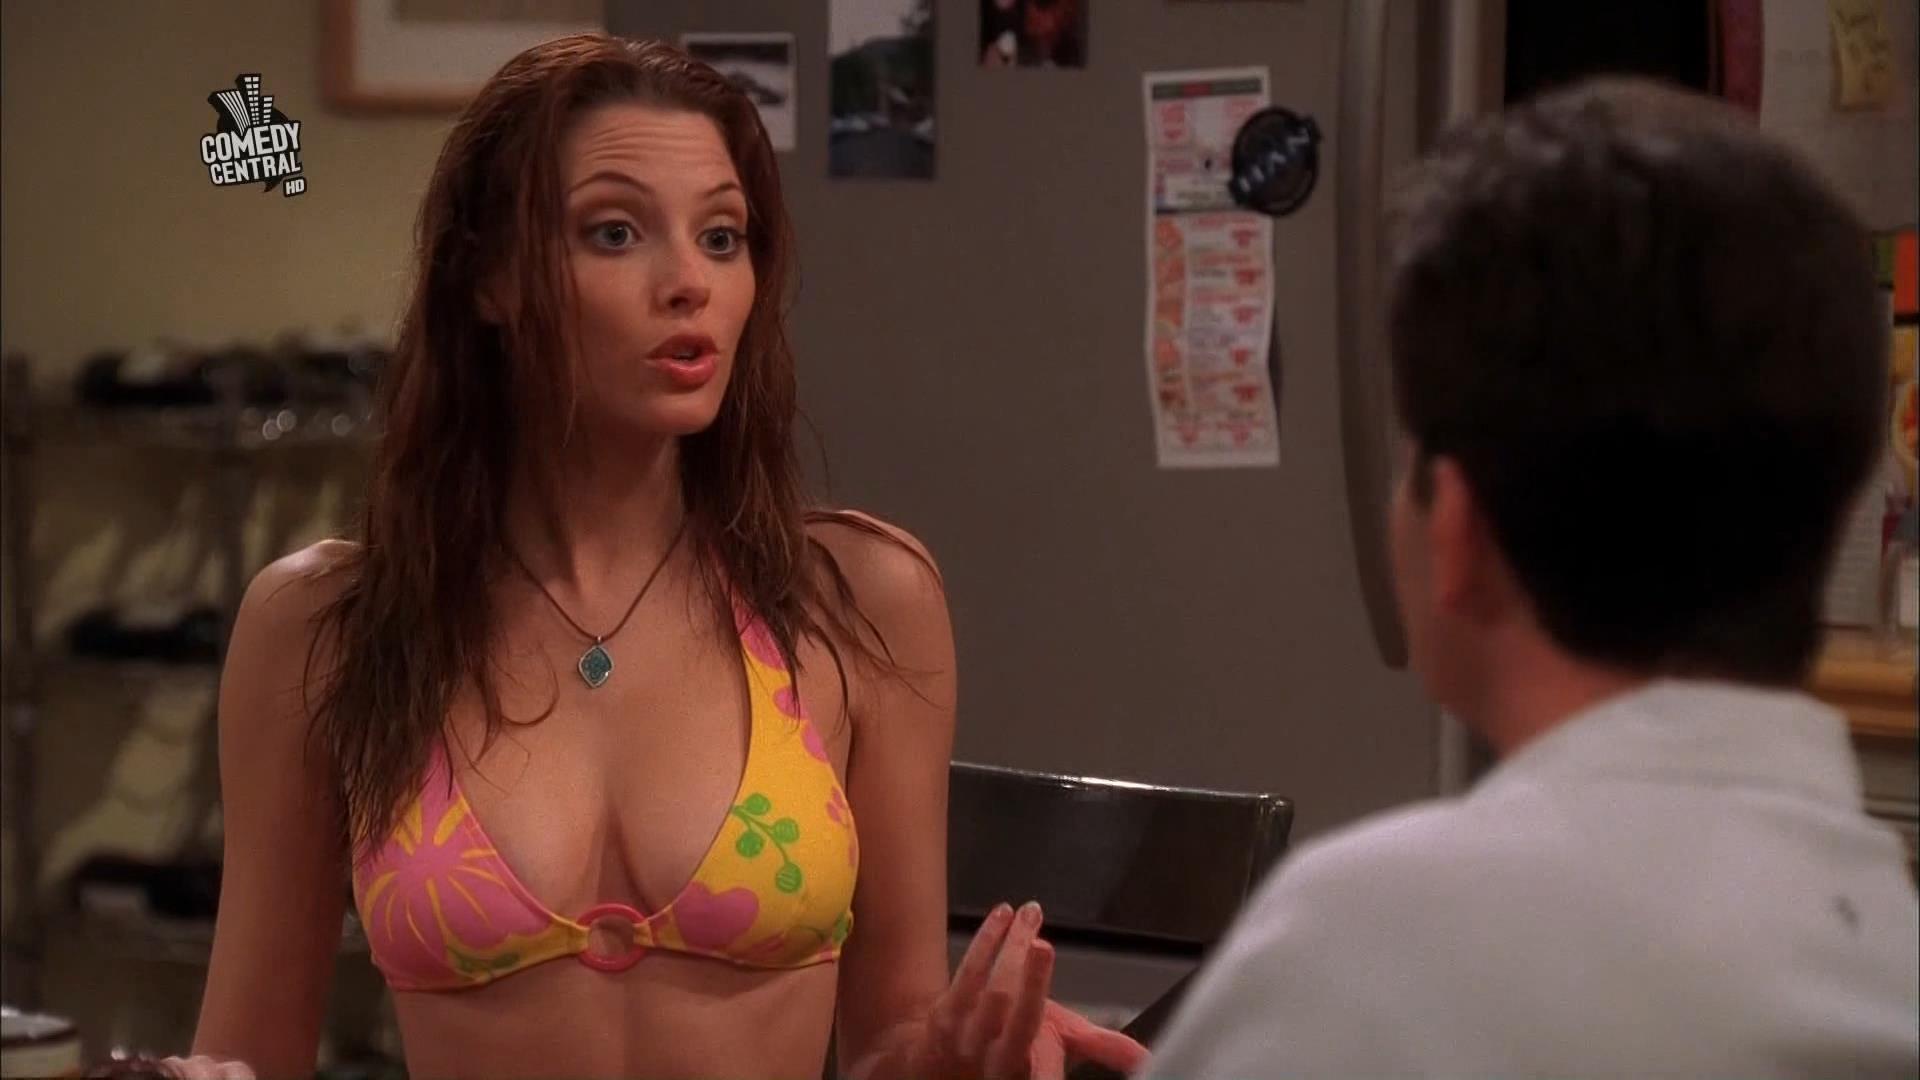 Paula larocca nude